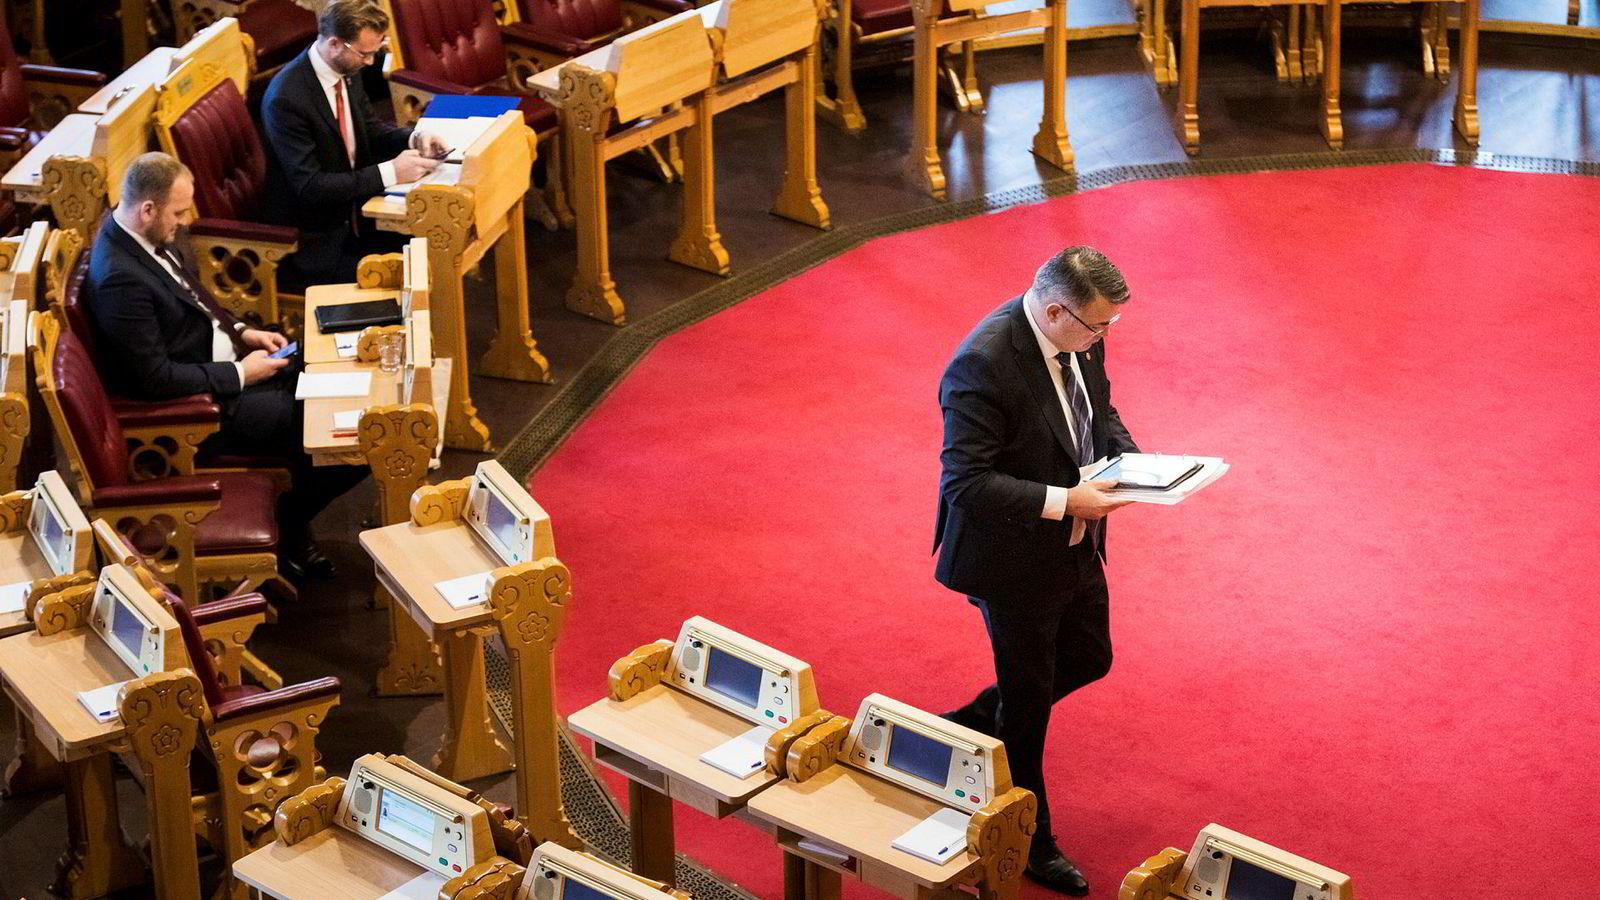 Olje- og energiminister Kjell-Børge Freiberg hadde med seg et nettbrett fullt av ferdigskrevne utkast til svar da han for første gang stilte i Stortingets spontanspørretime.